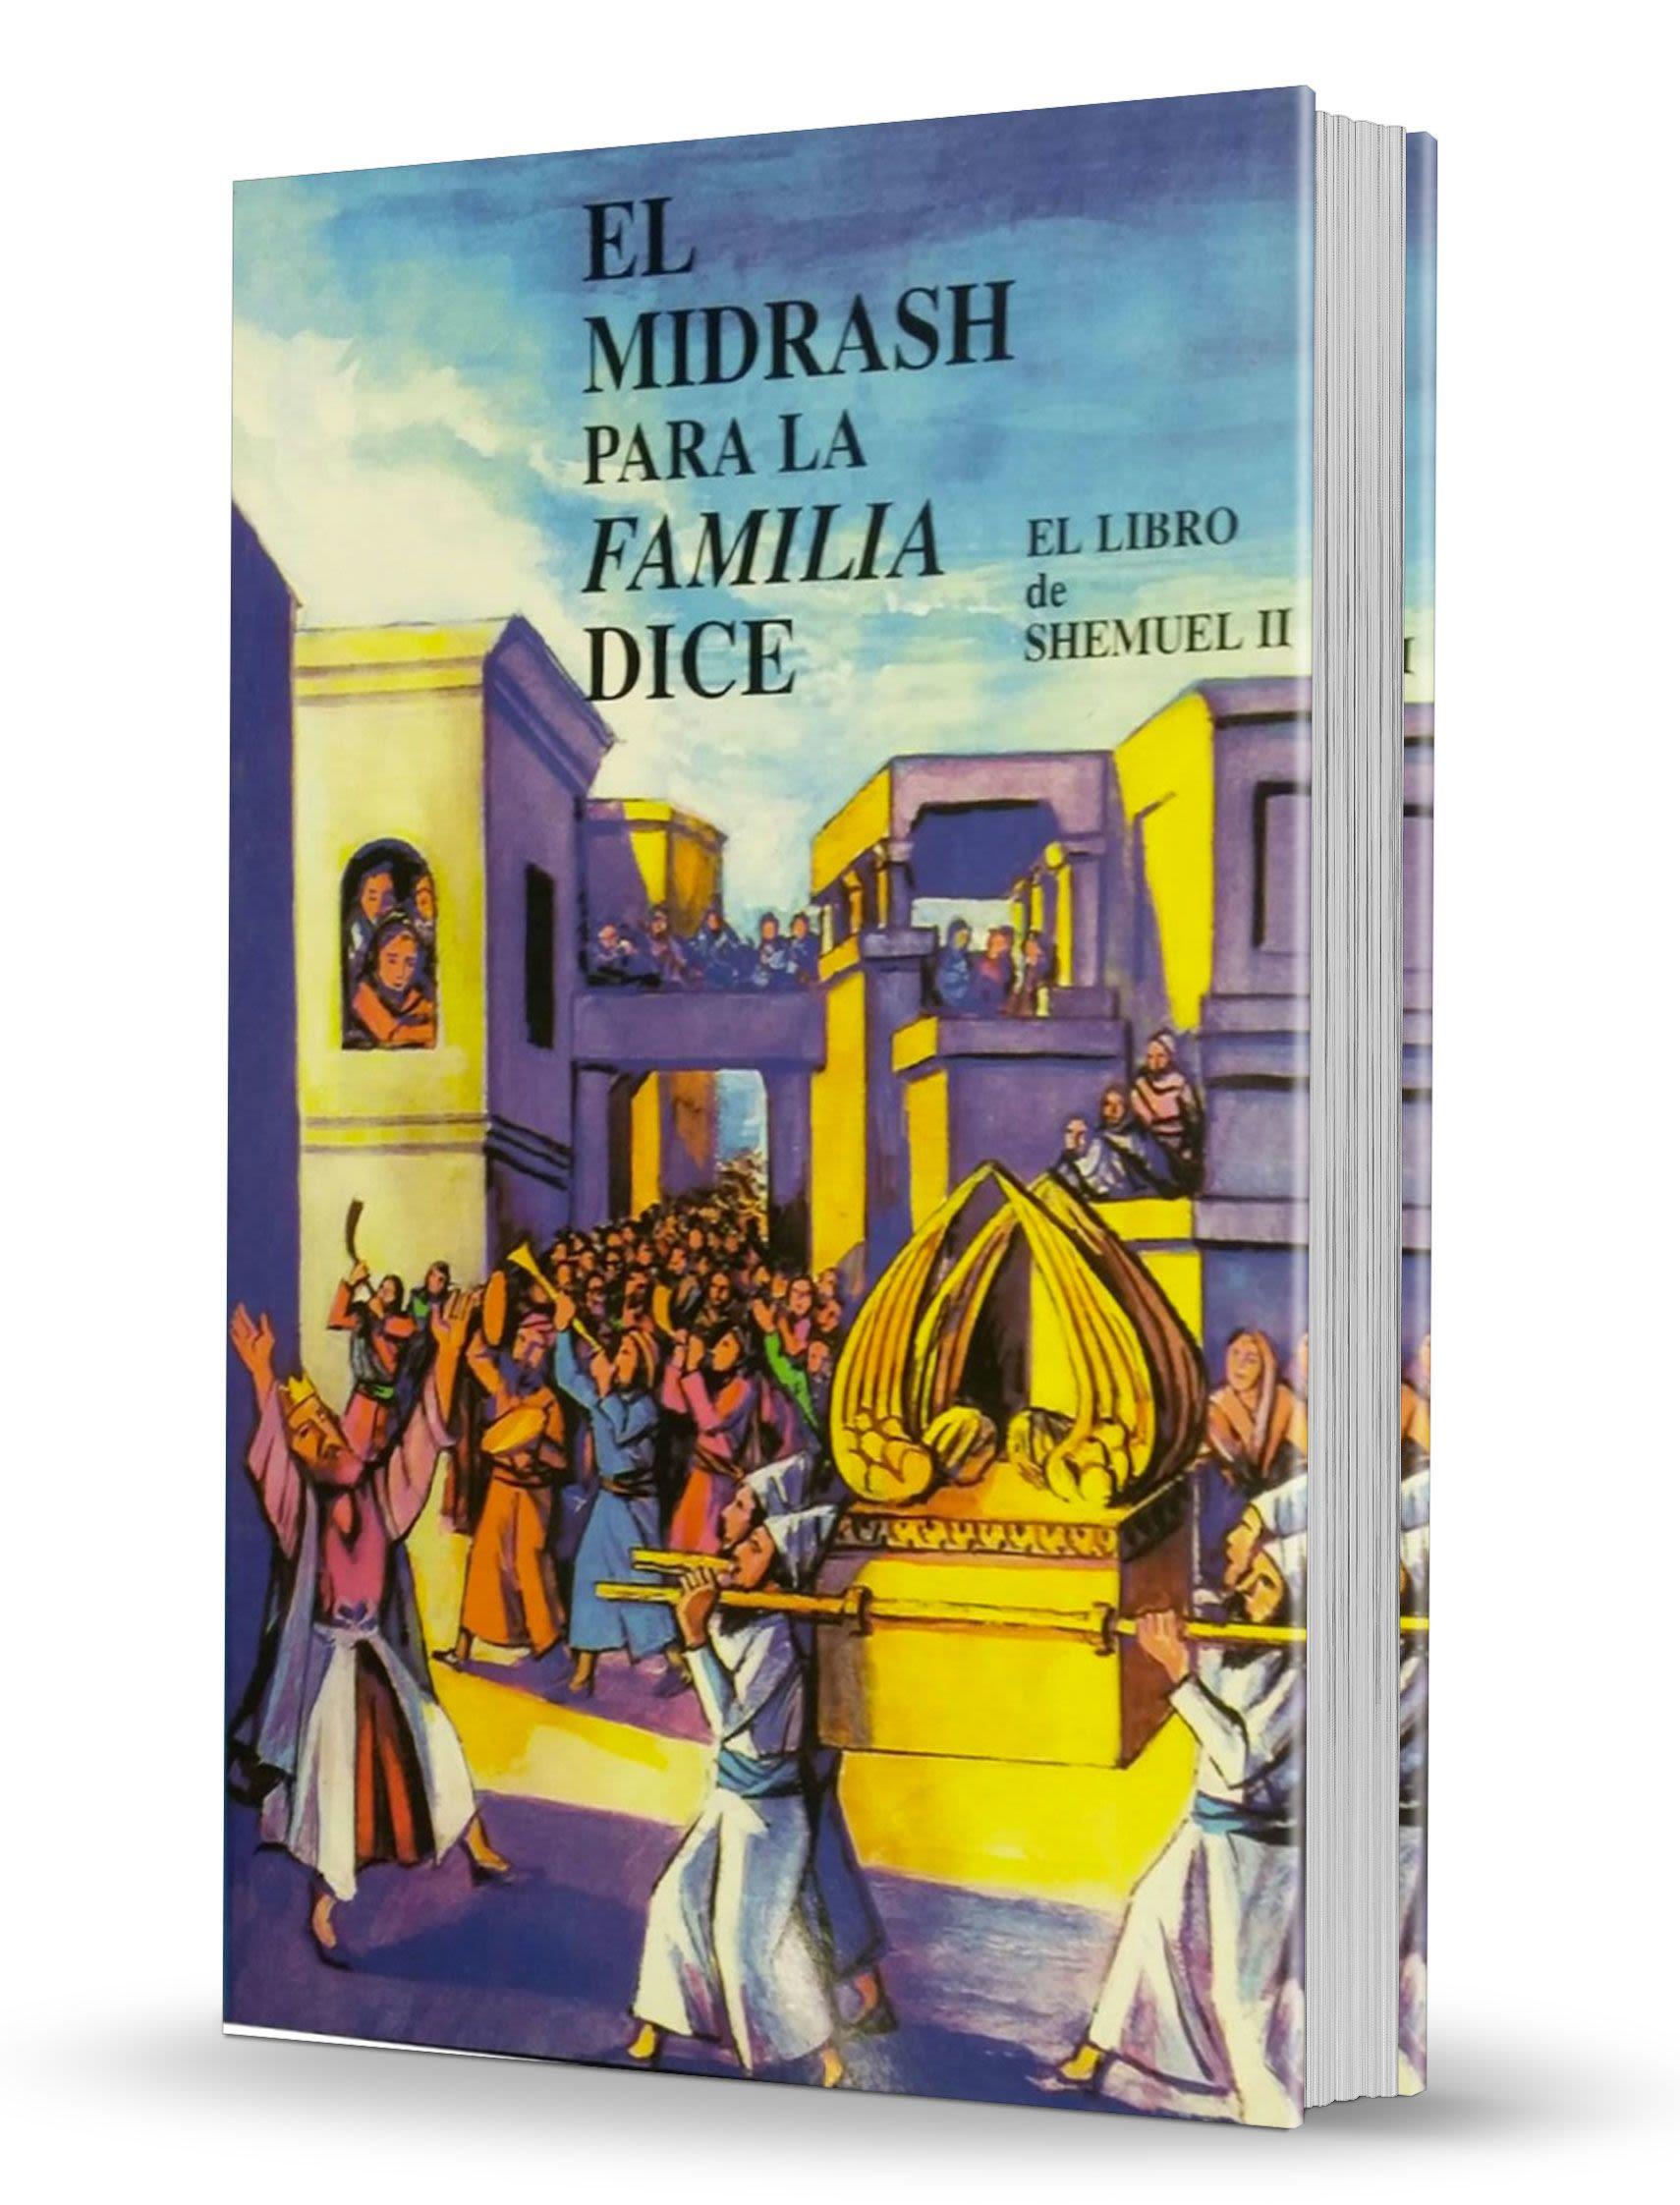 El Midrash Dice - Libro de Shmuel II